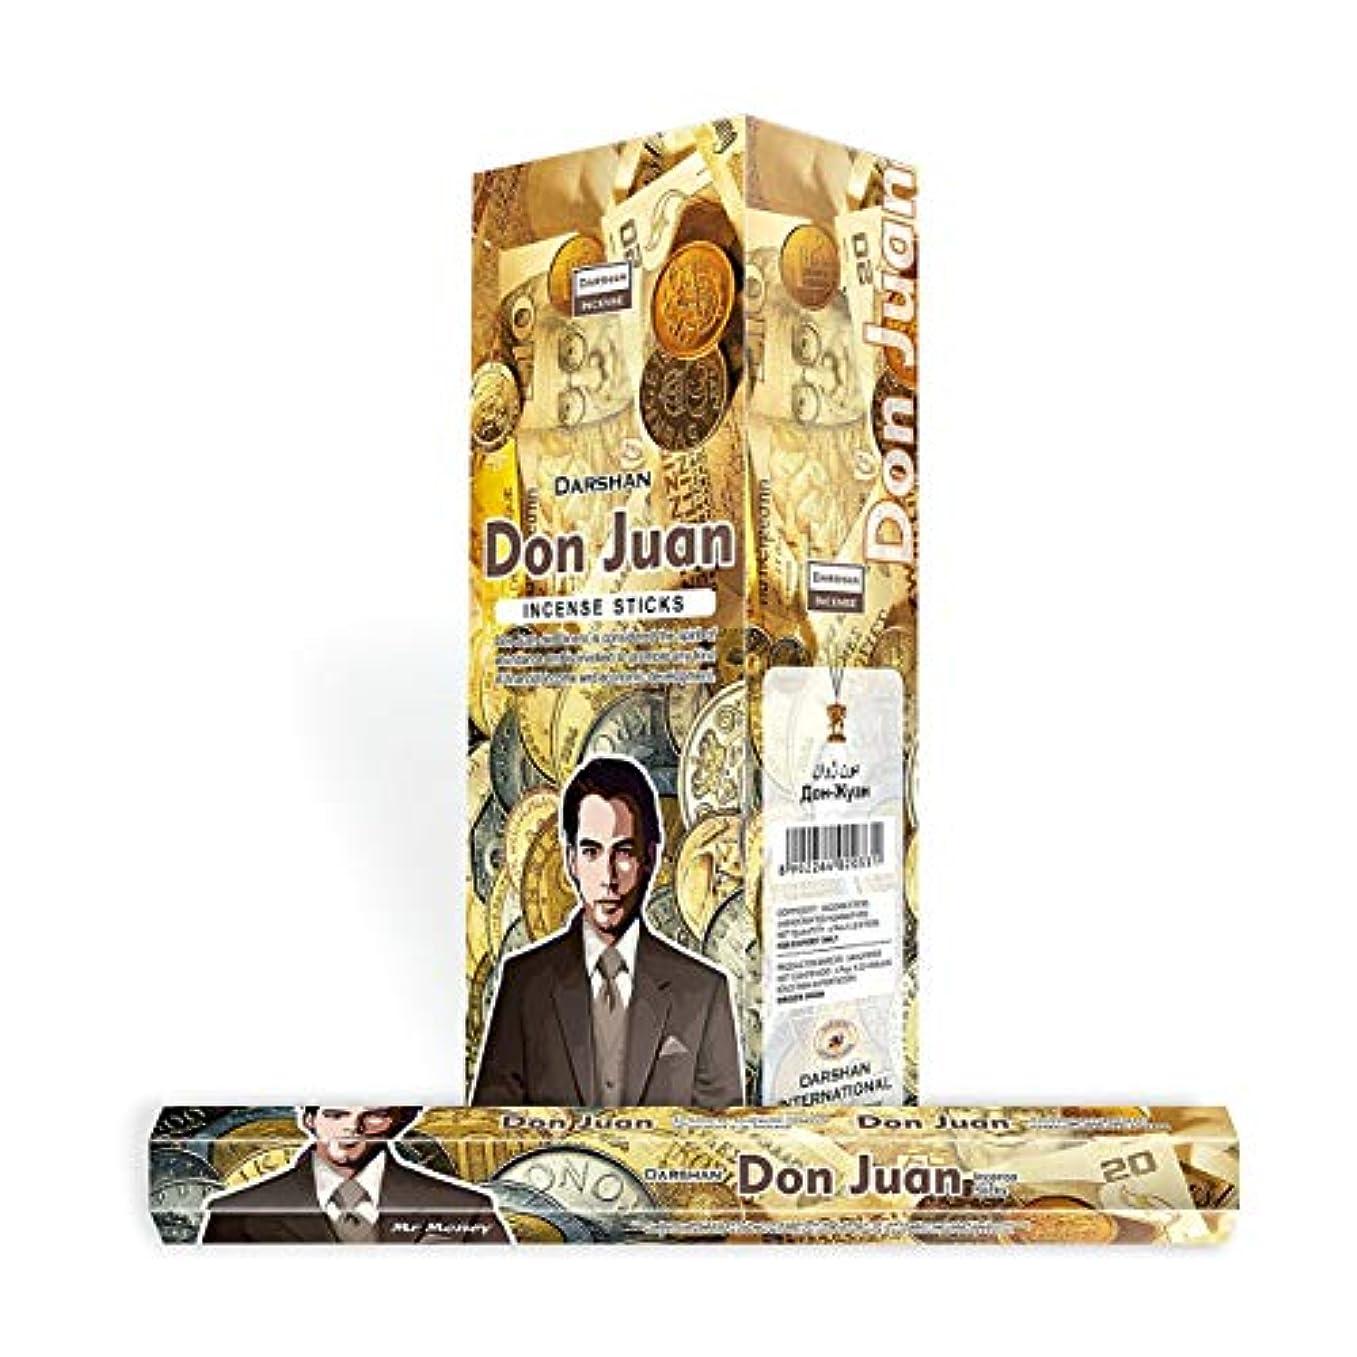 息苦しいリア王硬さサンタMuerteレッド – 120 Sticksボックス – Darshan Incense